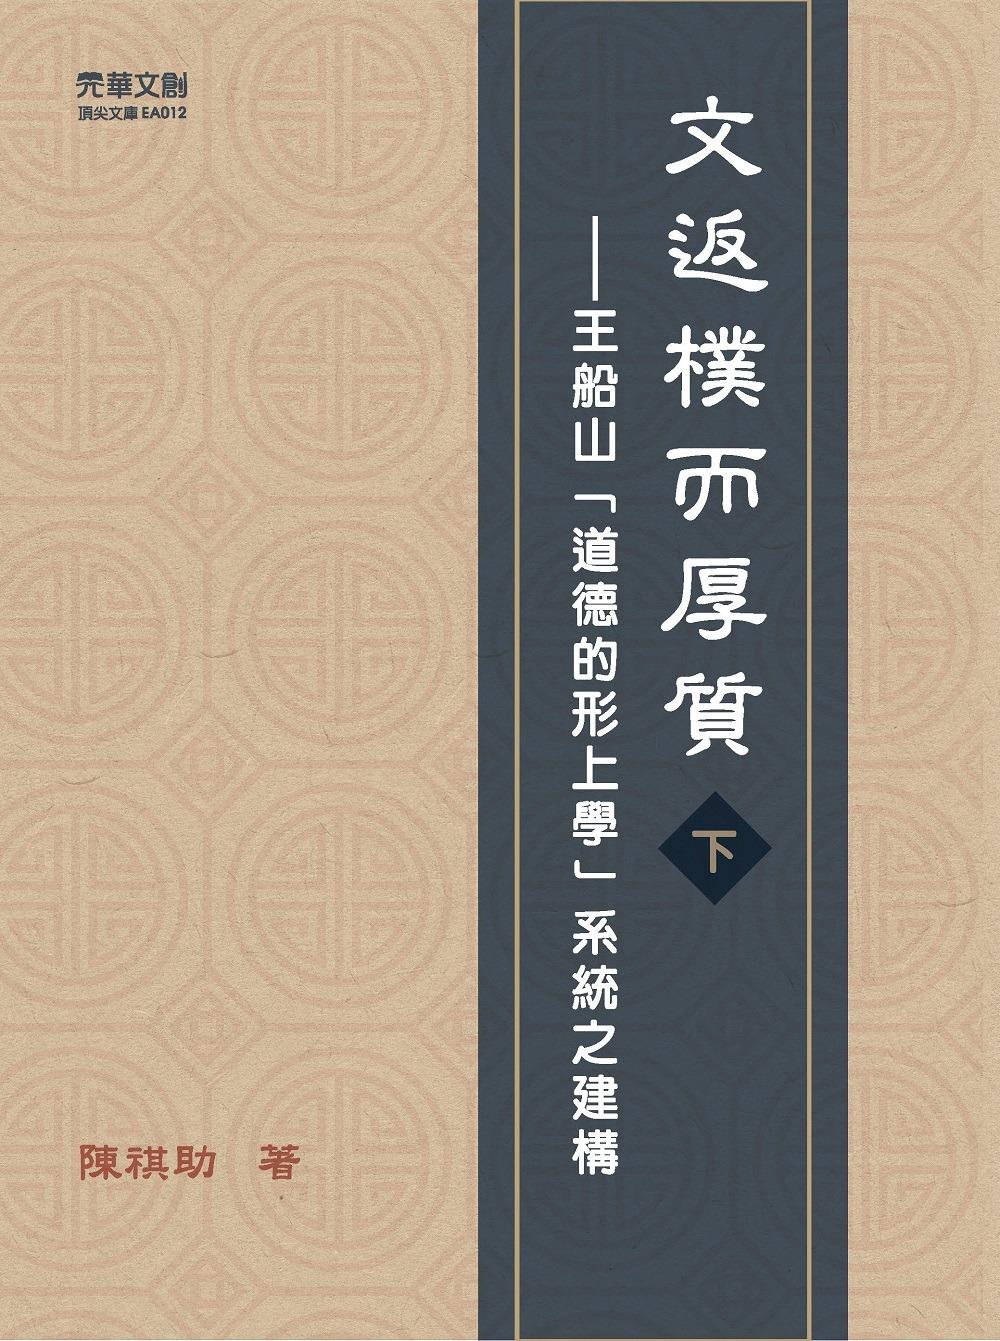 ◤博客來BOOKS◢ 暢銷書榜《推薦》文返樸而厚質(下):王船山「道德的形上學」系統之建構